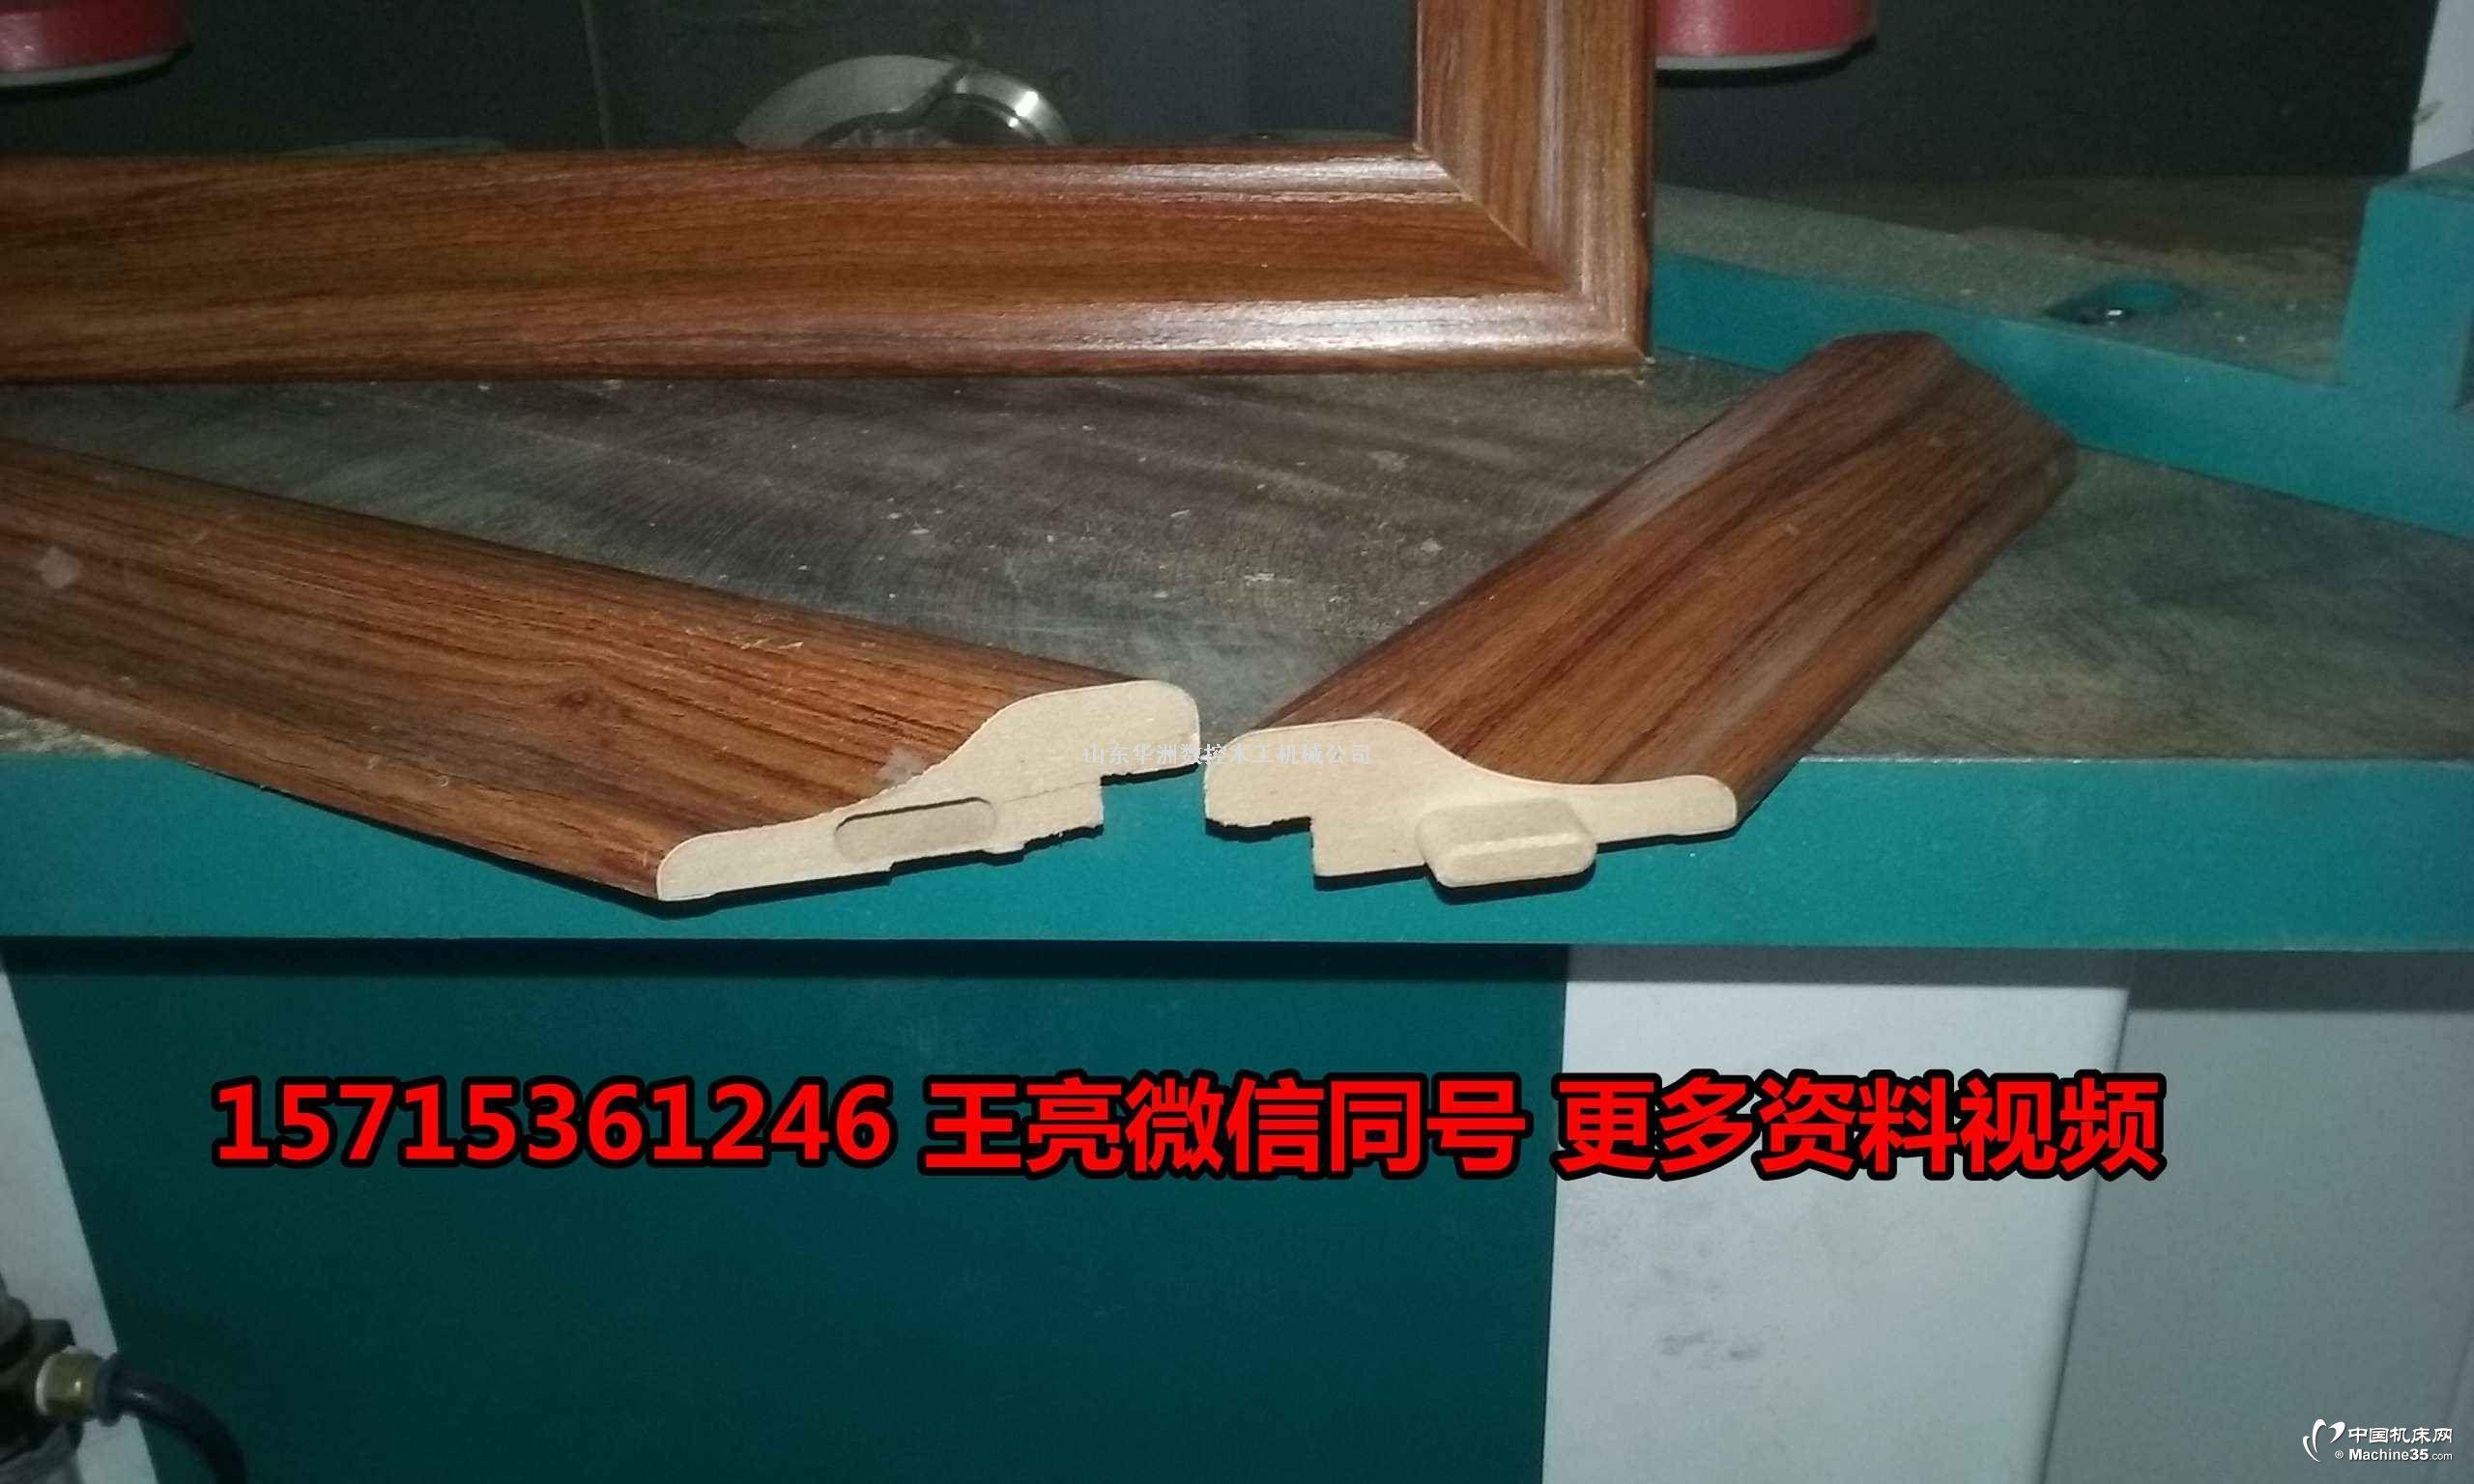 相框 大门 装修定制45度斜接机